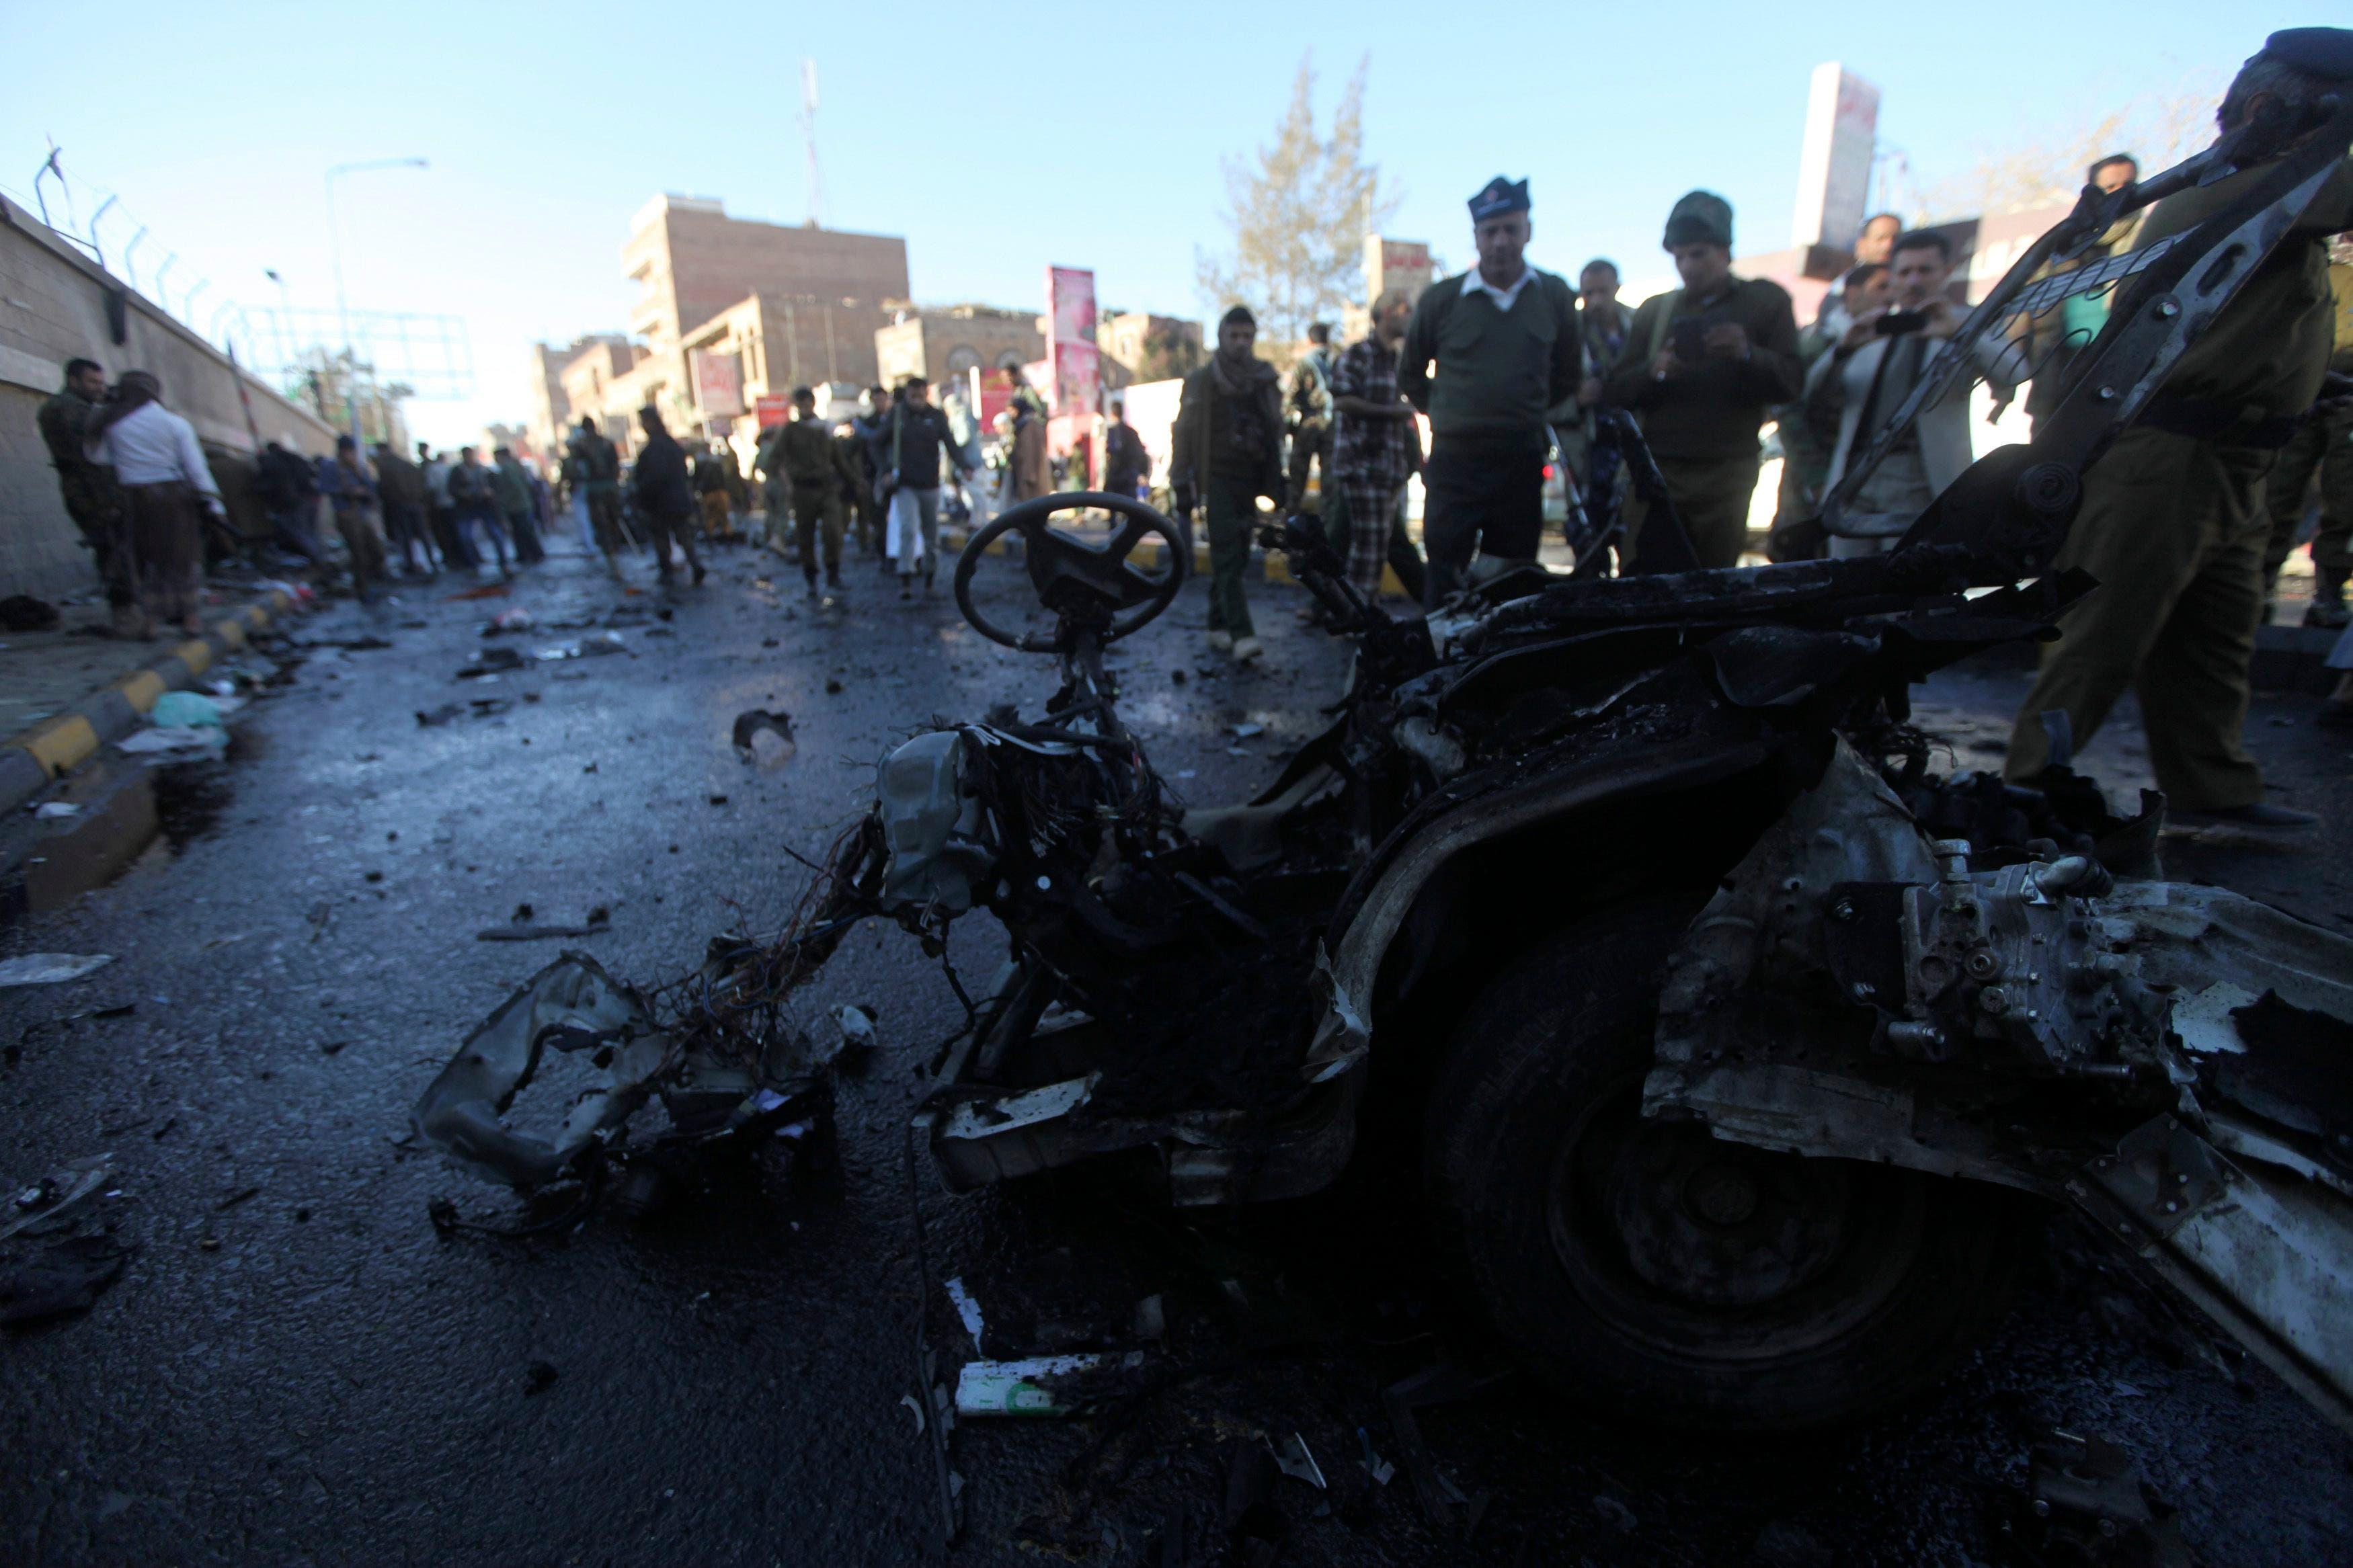 صنعاء عشرات القتلى في تفجير دامٍ فجراً7/1/2015  9131215c-c05a-4008-9285-111fb85438bc